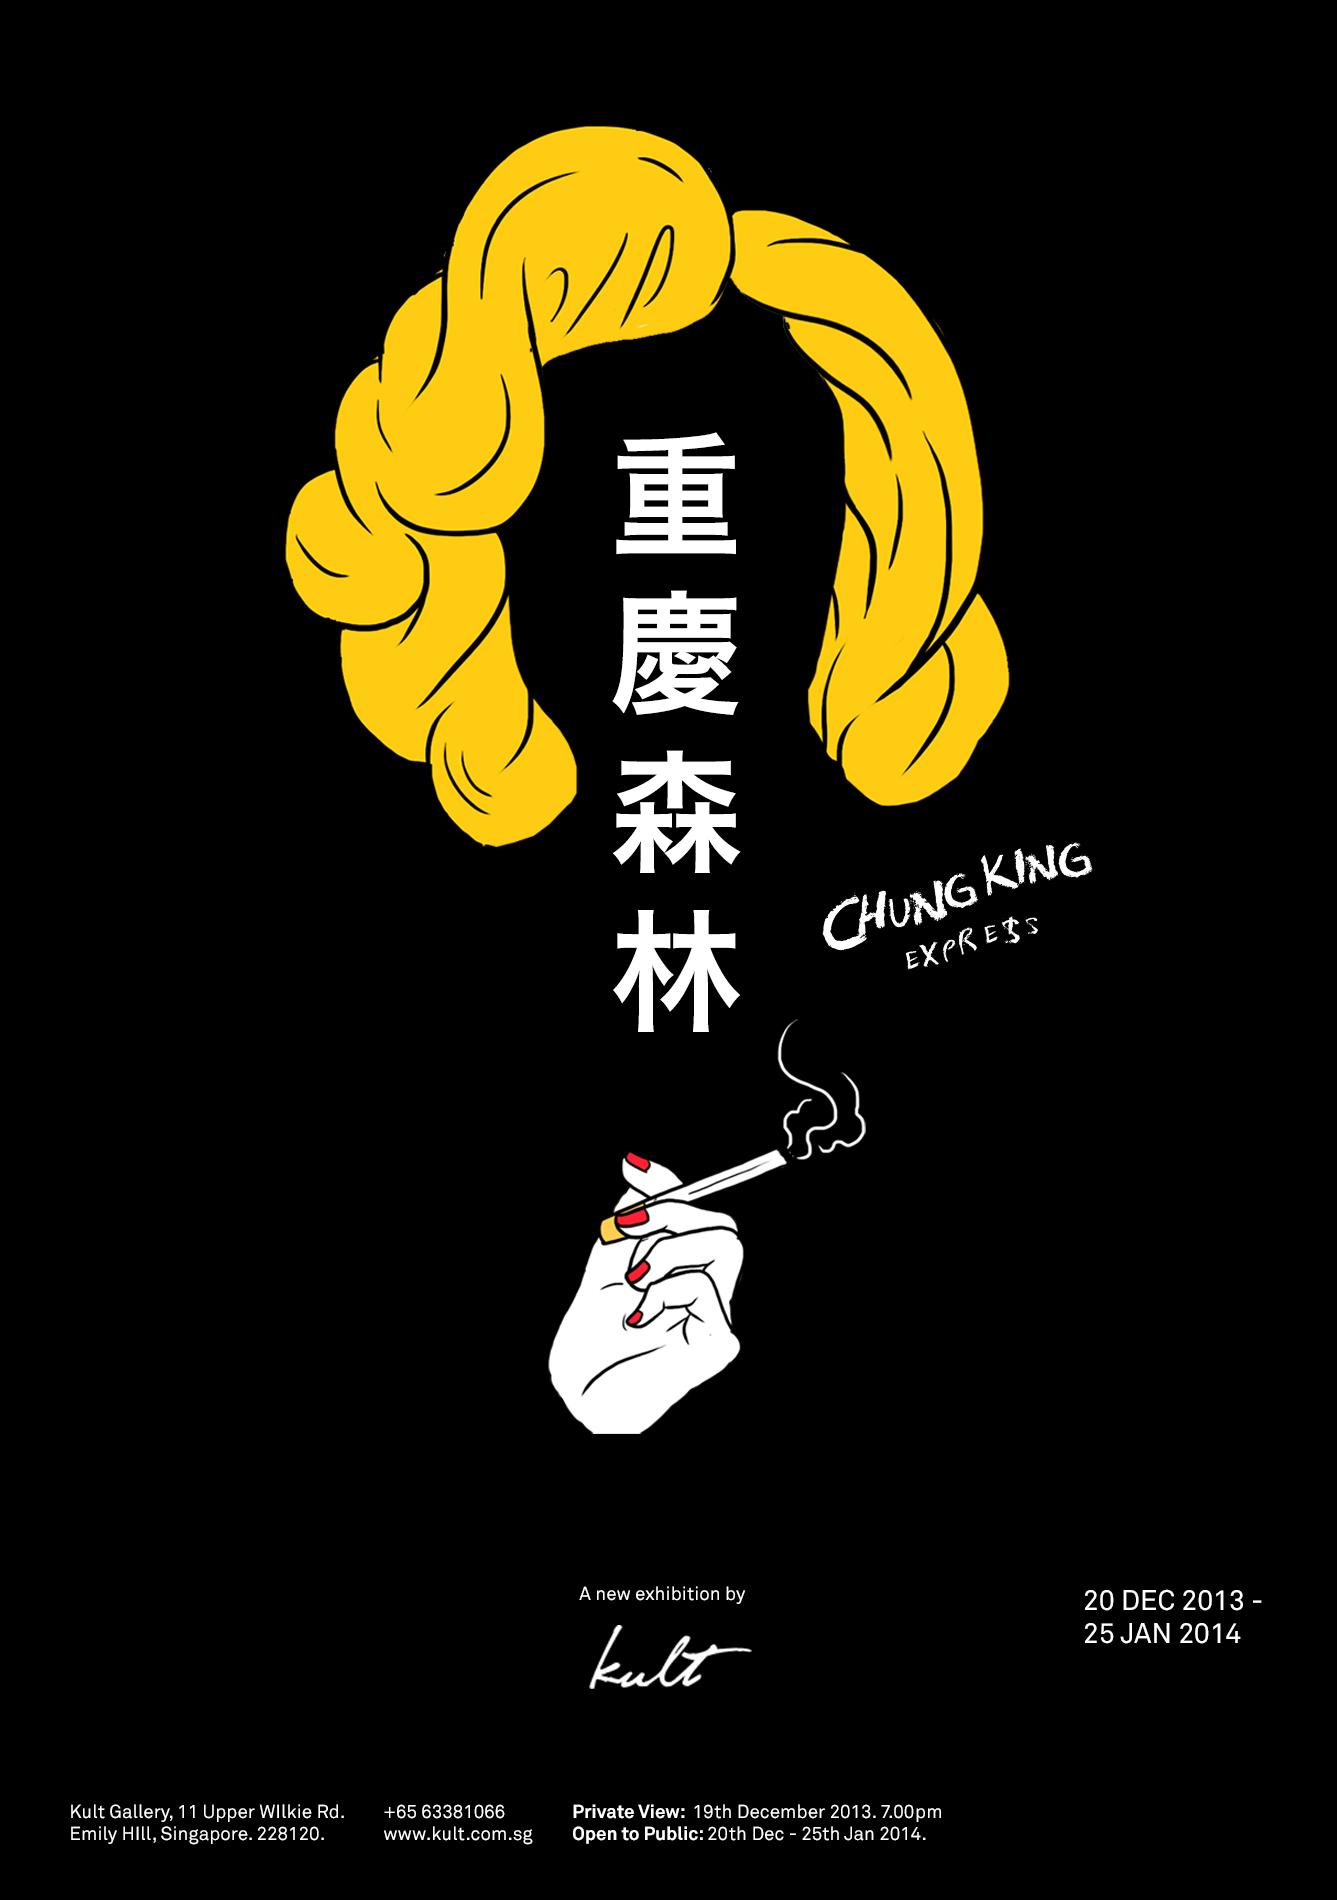 Kult - Chungking Express.jpg